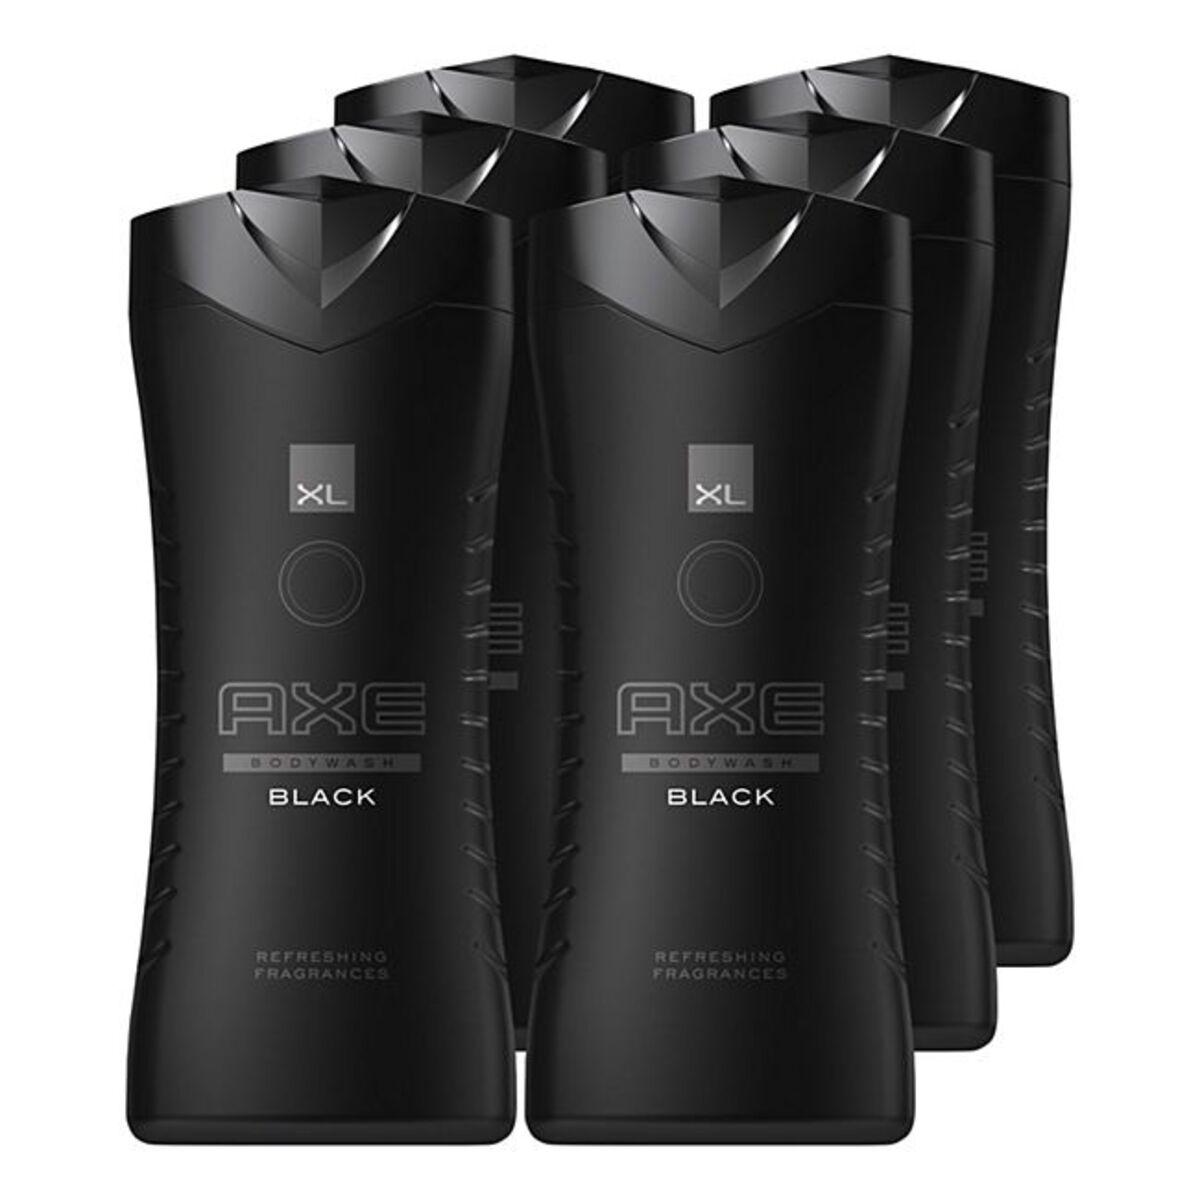 Bild 1 von Axe Duschgel Black 400 ml, 6er Pack